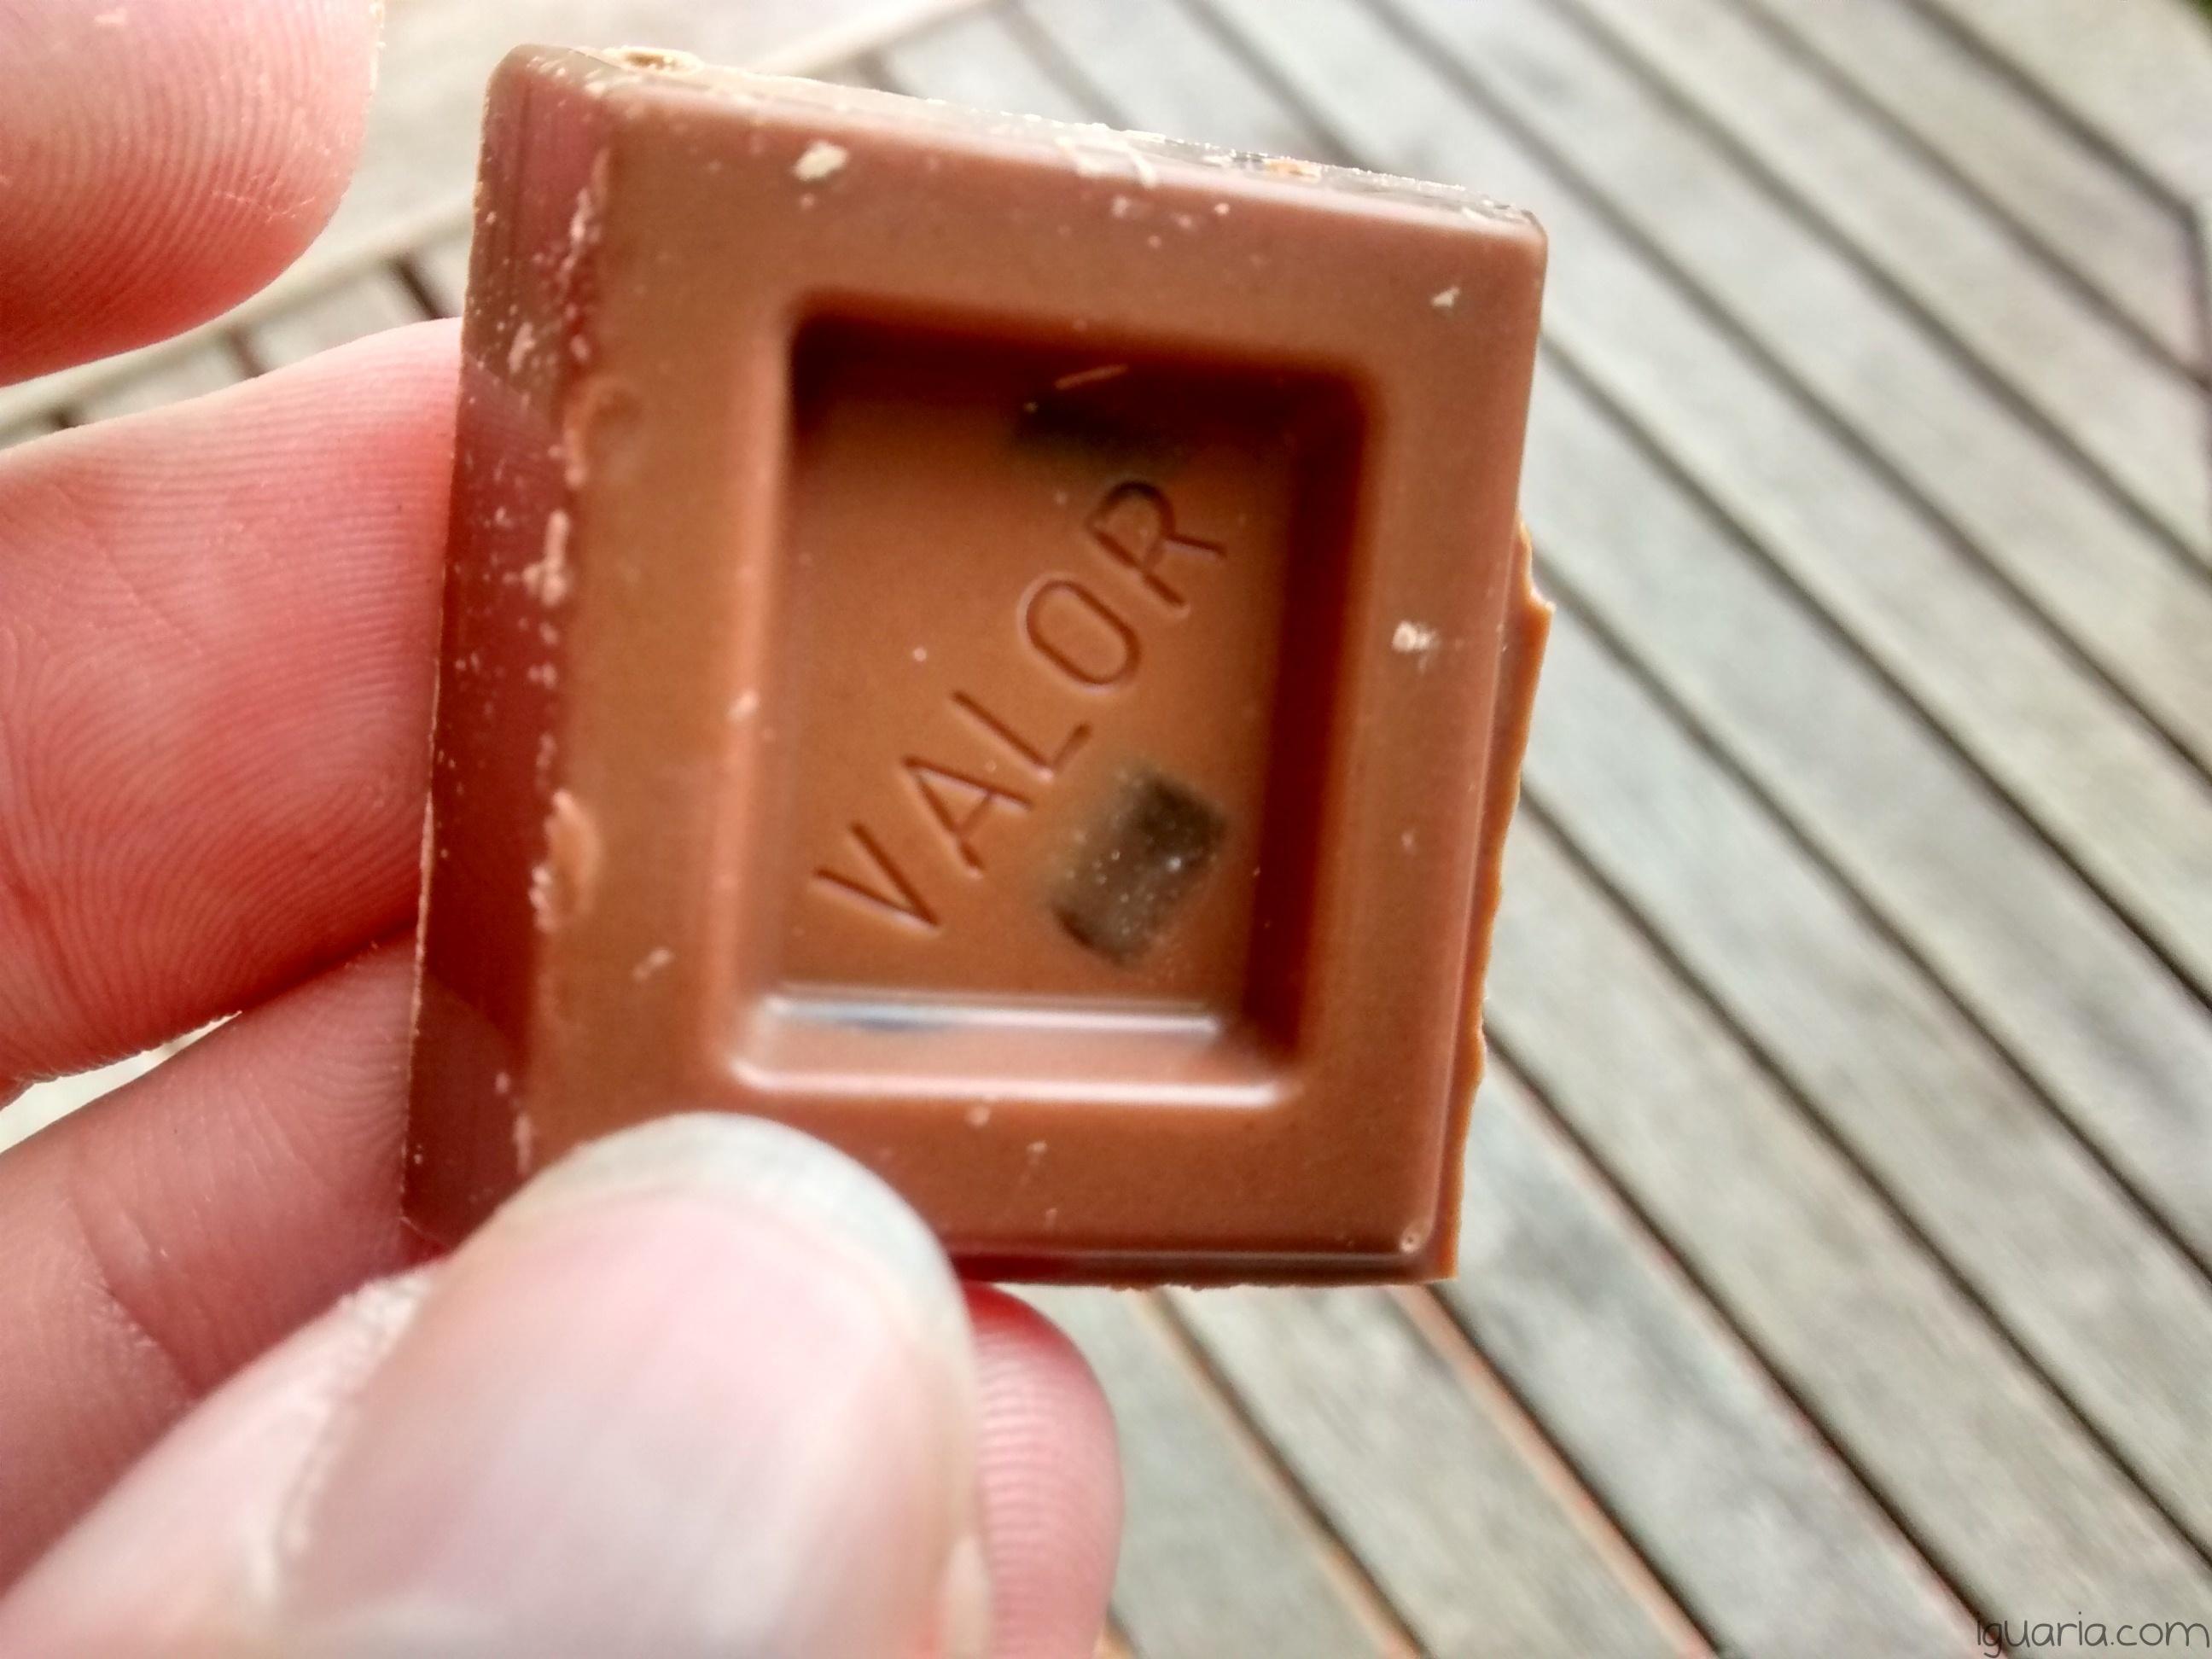 iguaria-valor-chocolate-brownie